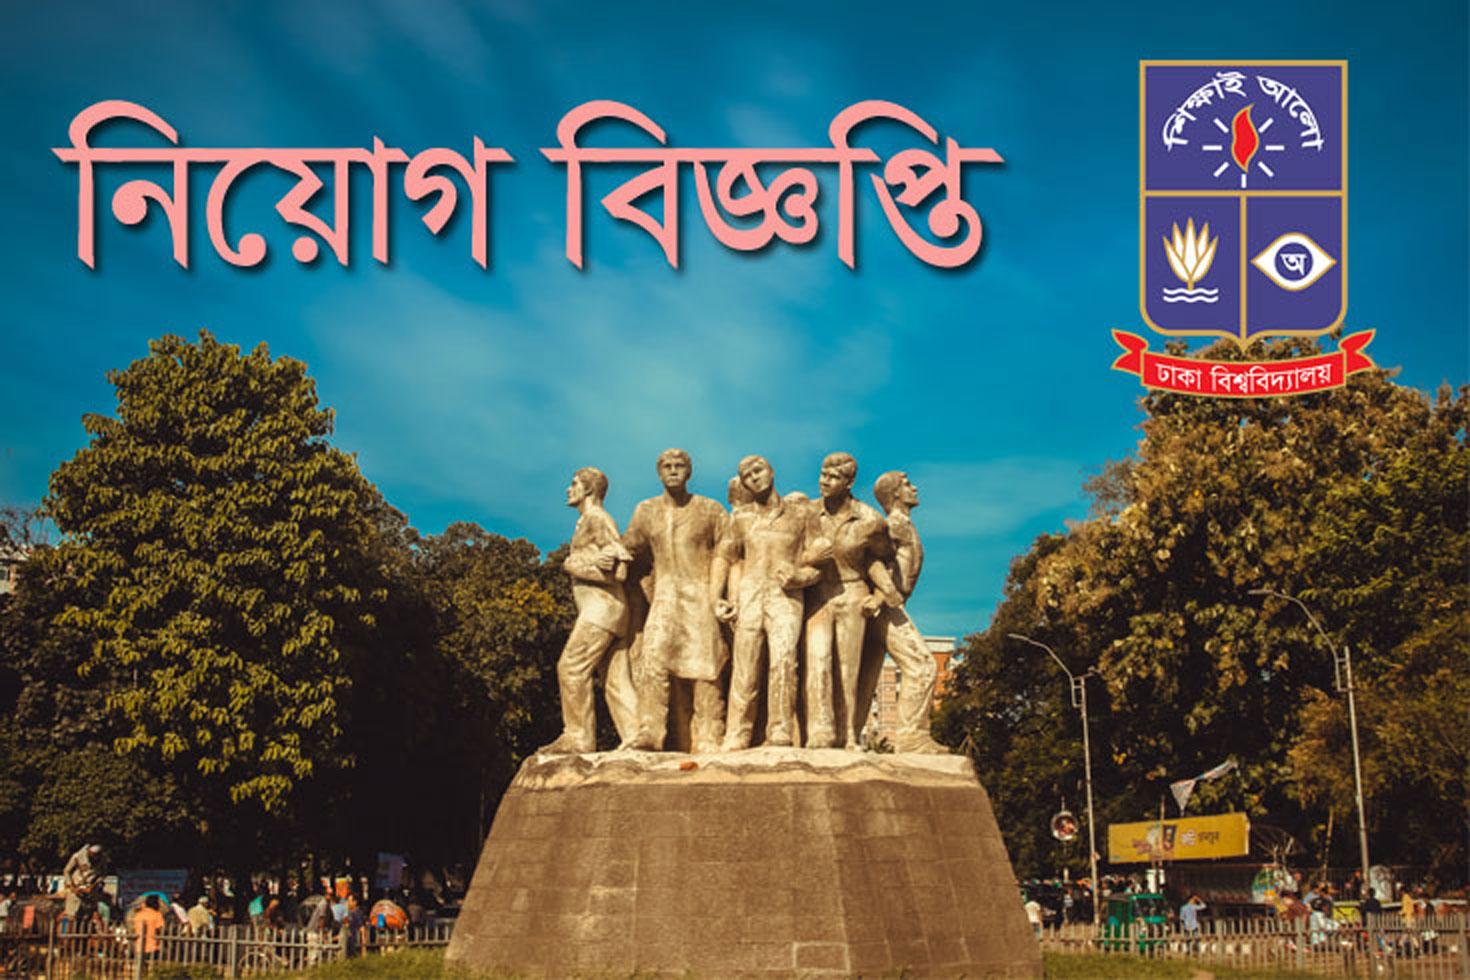 কর্মচারী নিচ্ছে ঢাকা বিশ্ববিদ্যালয়